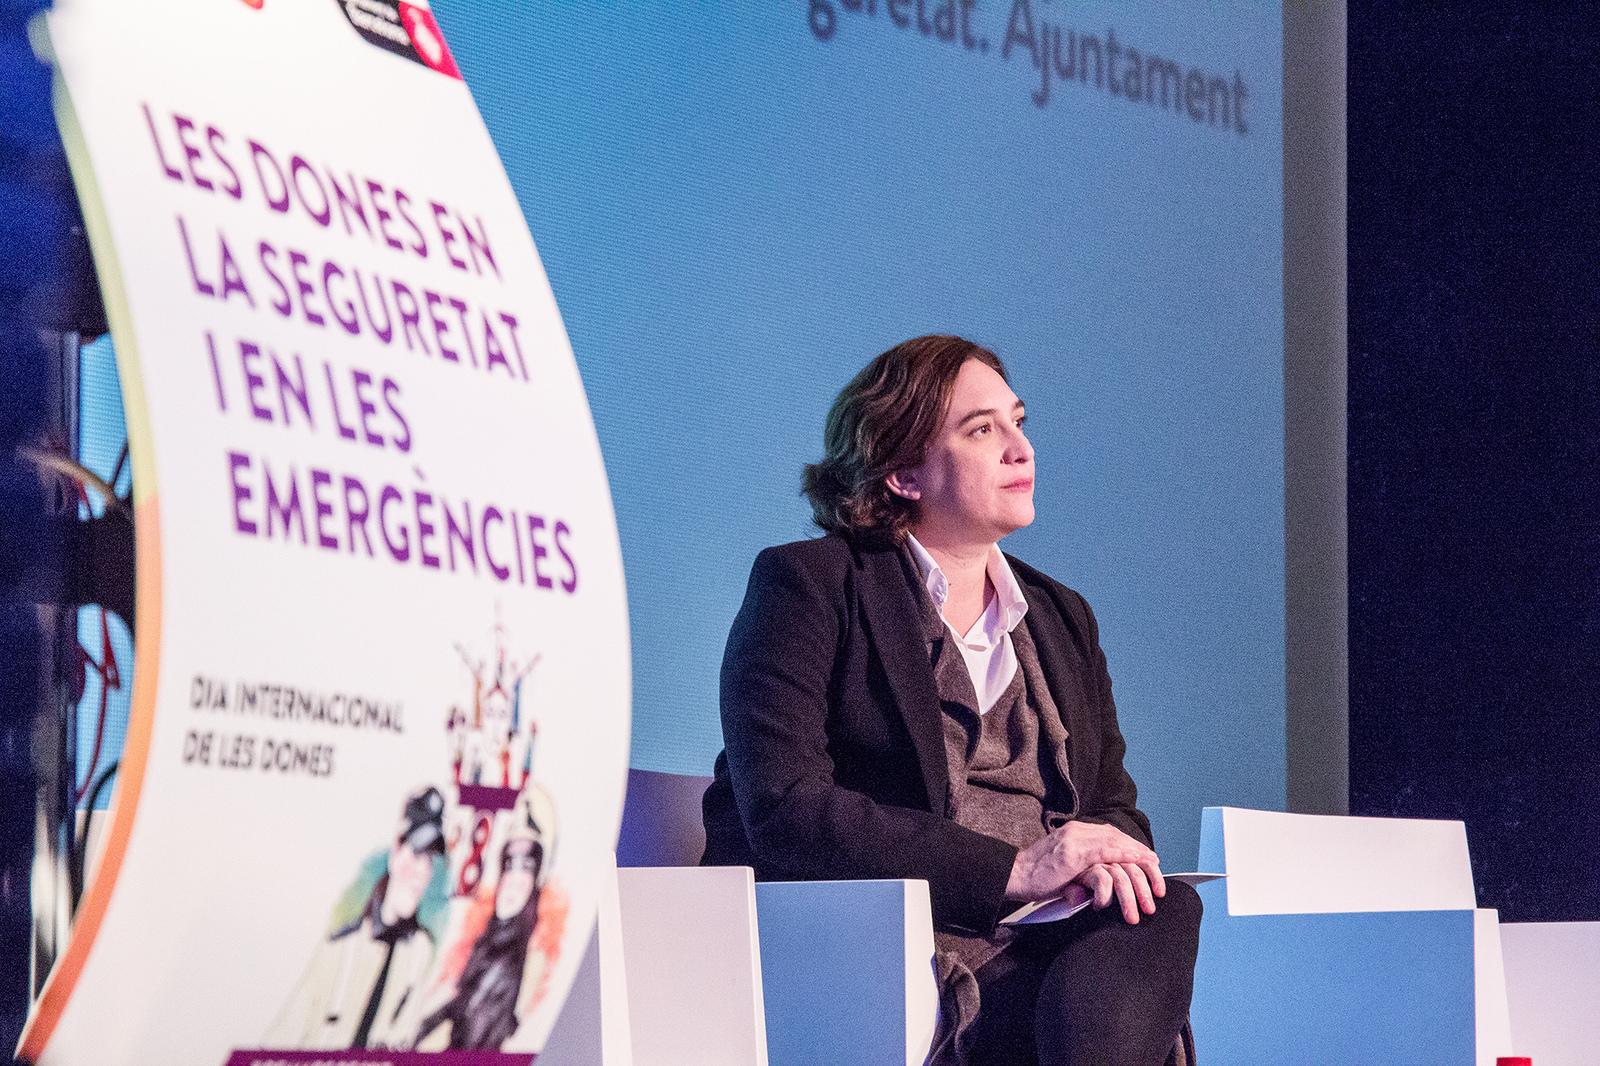 La alcaldesa de Barcelona, Ada Colau, en las pasadas jornadas del Día Internacional de la Mujer. / Ajuntament de Barcelona